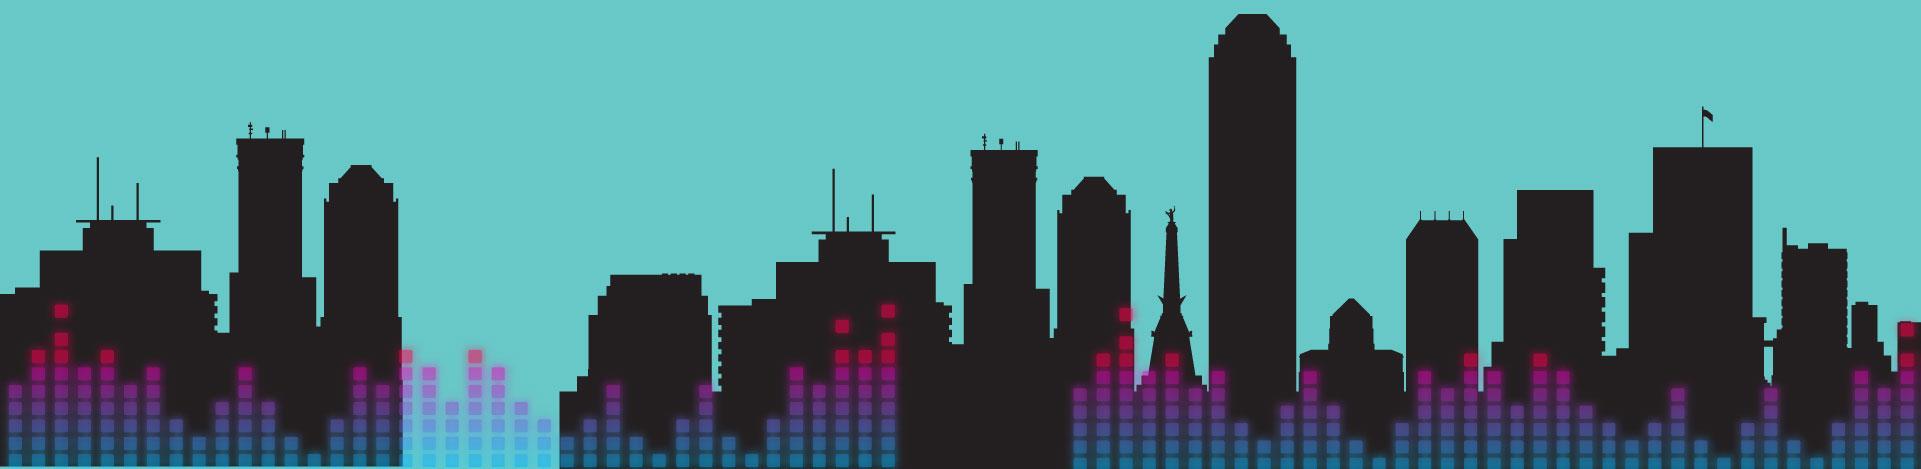 hero banner city